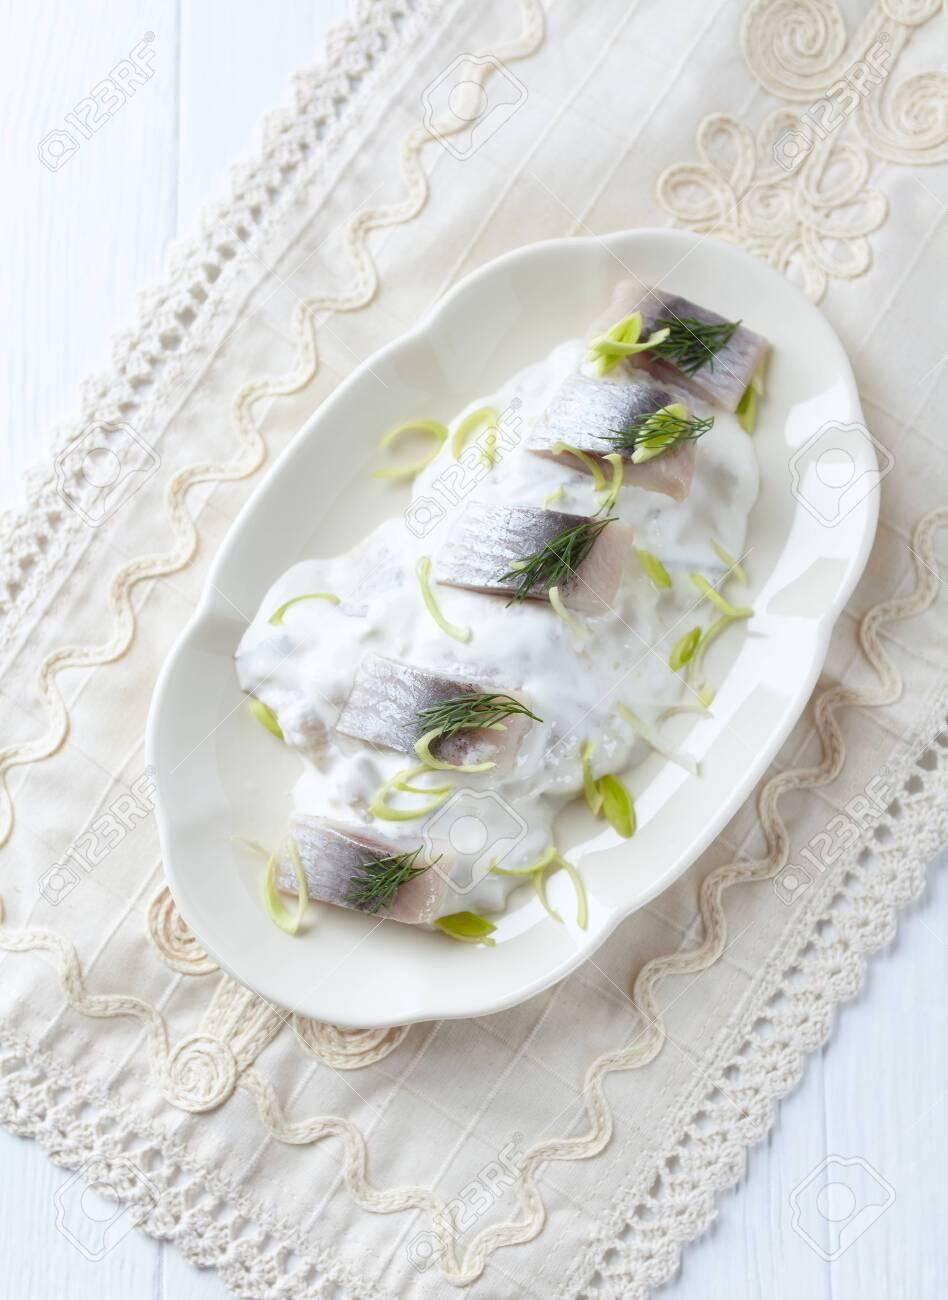 Herring in Cream Sauce - 142927214